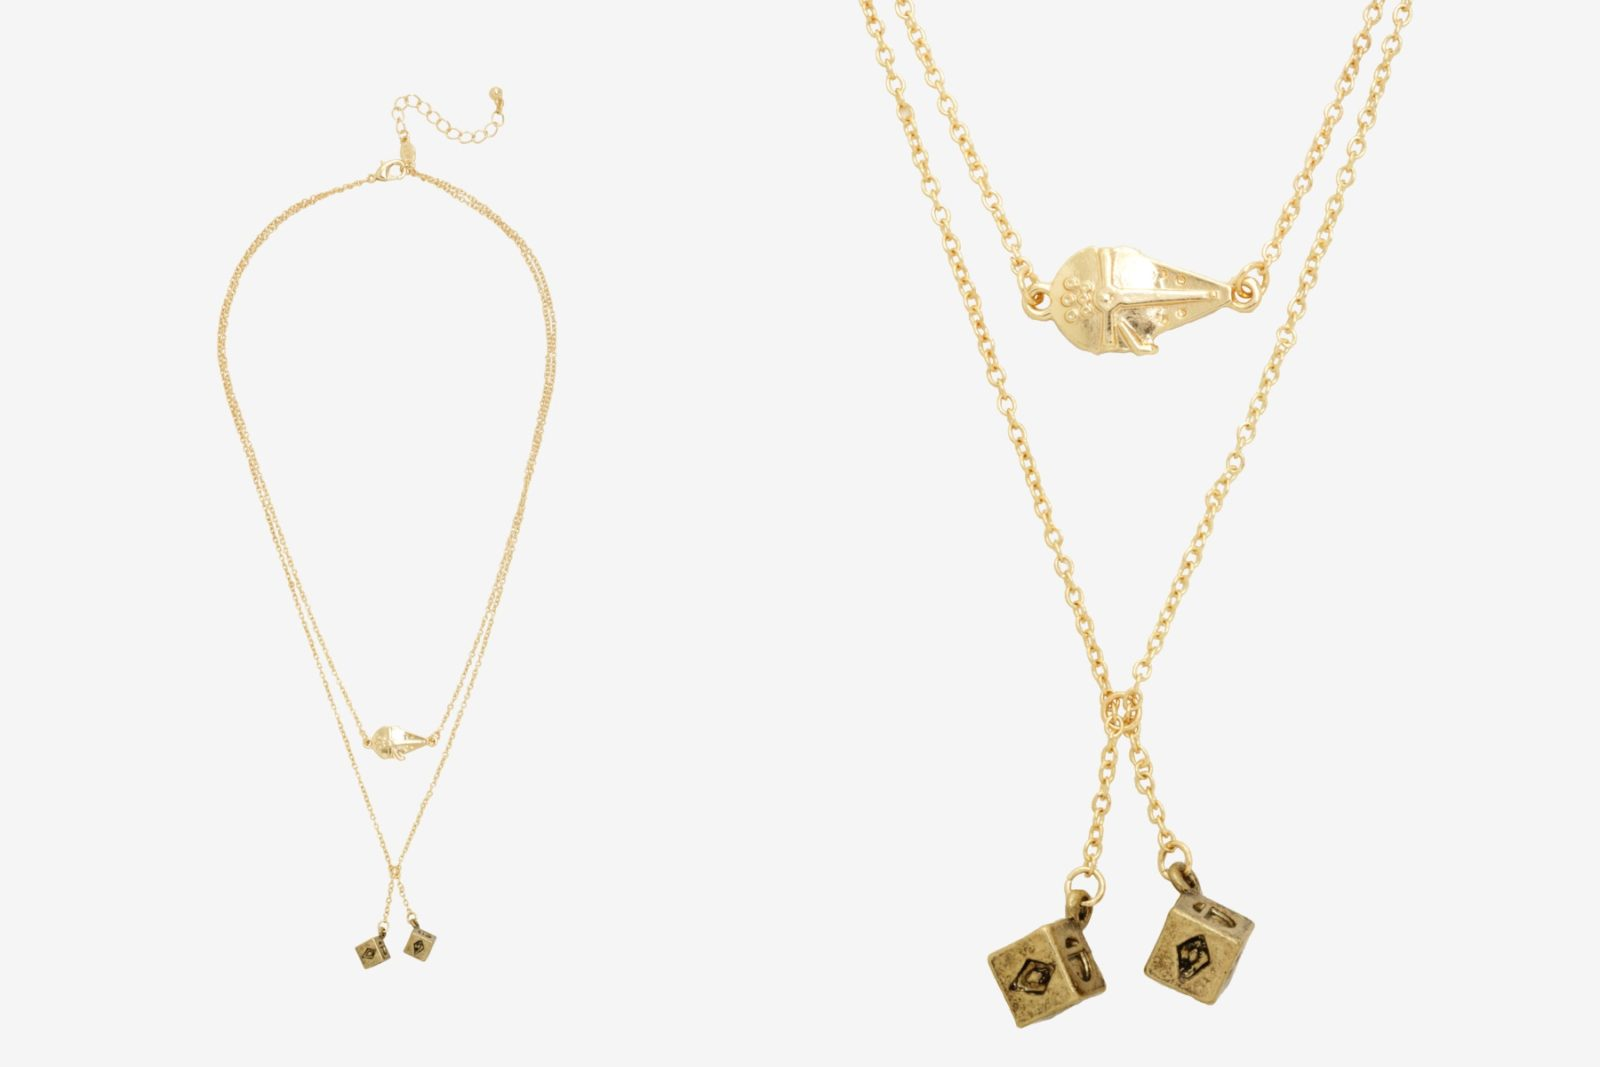 Solo Millennium Falcon Dice Layered Necklace